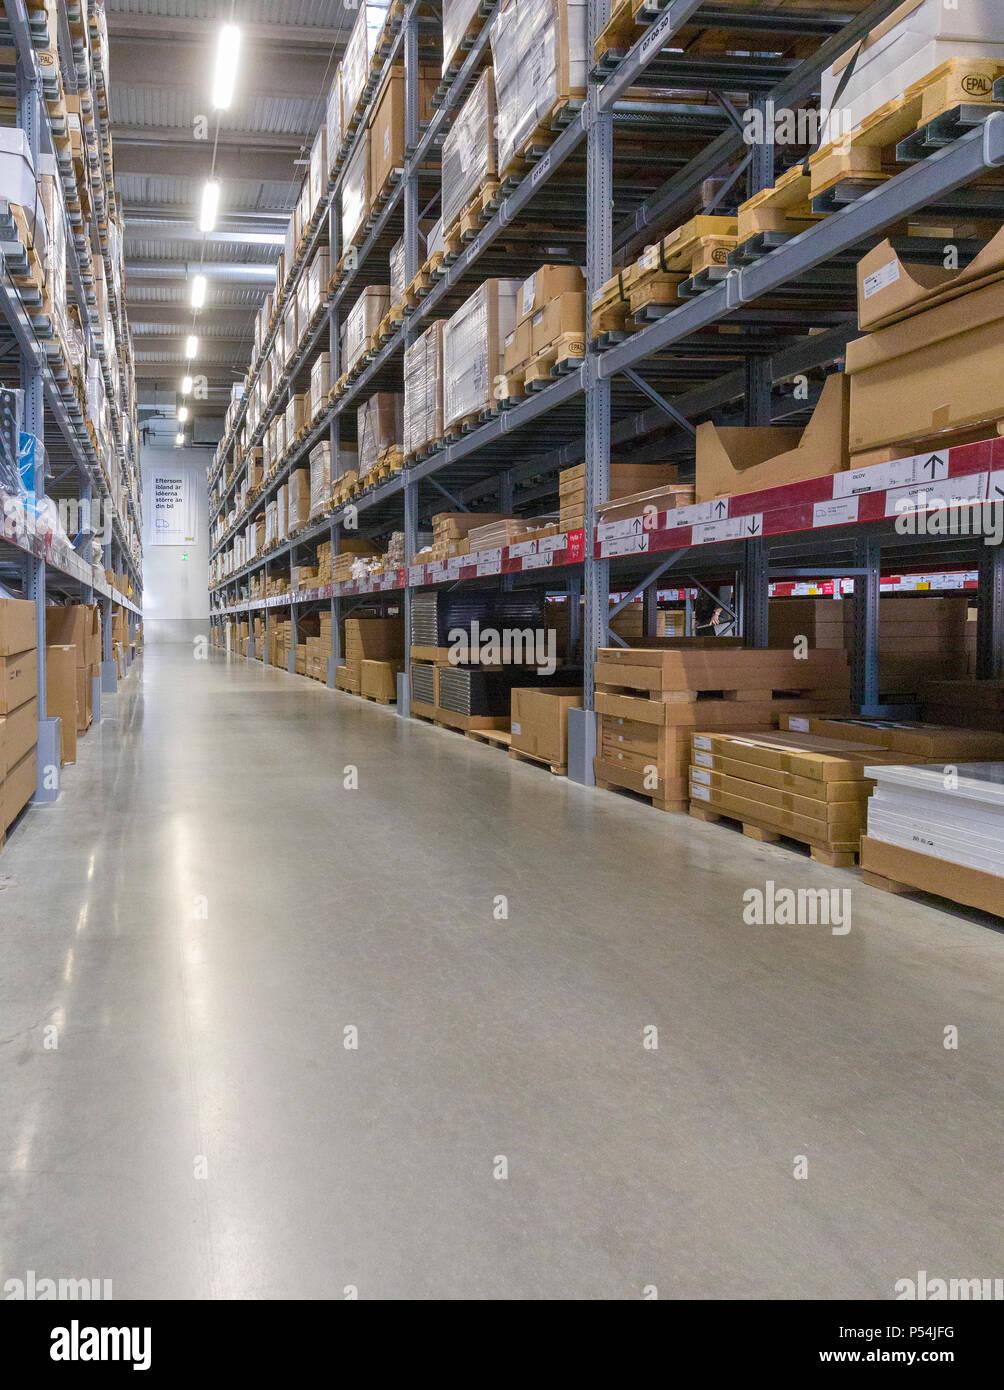 Vue intérieure d'allées dans un grand entrepôt rempli de boîtes de carton Photo Stock